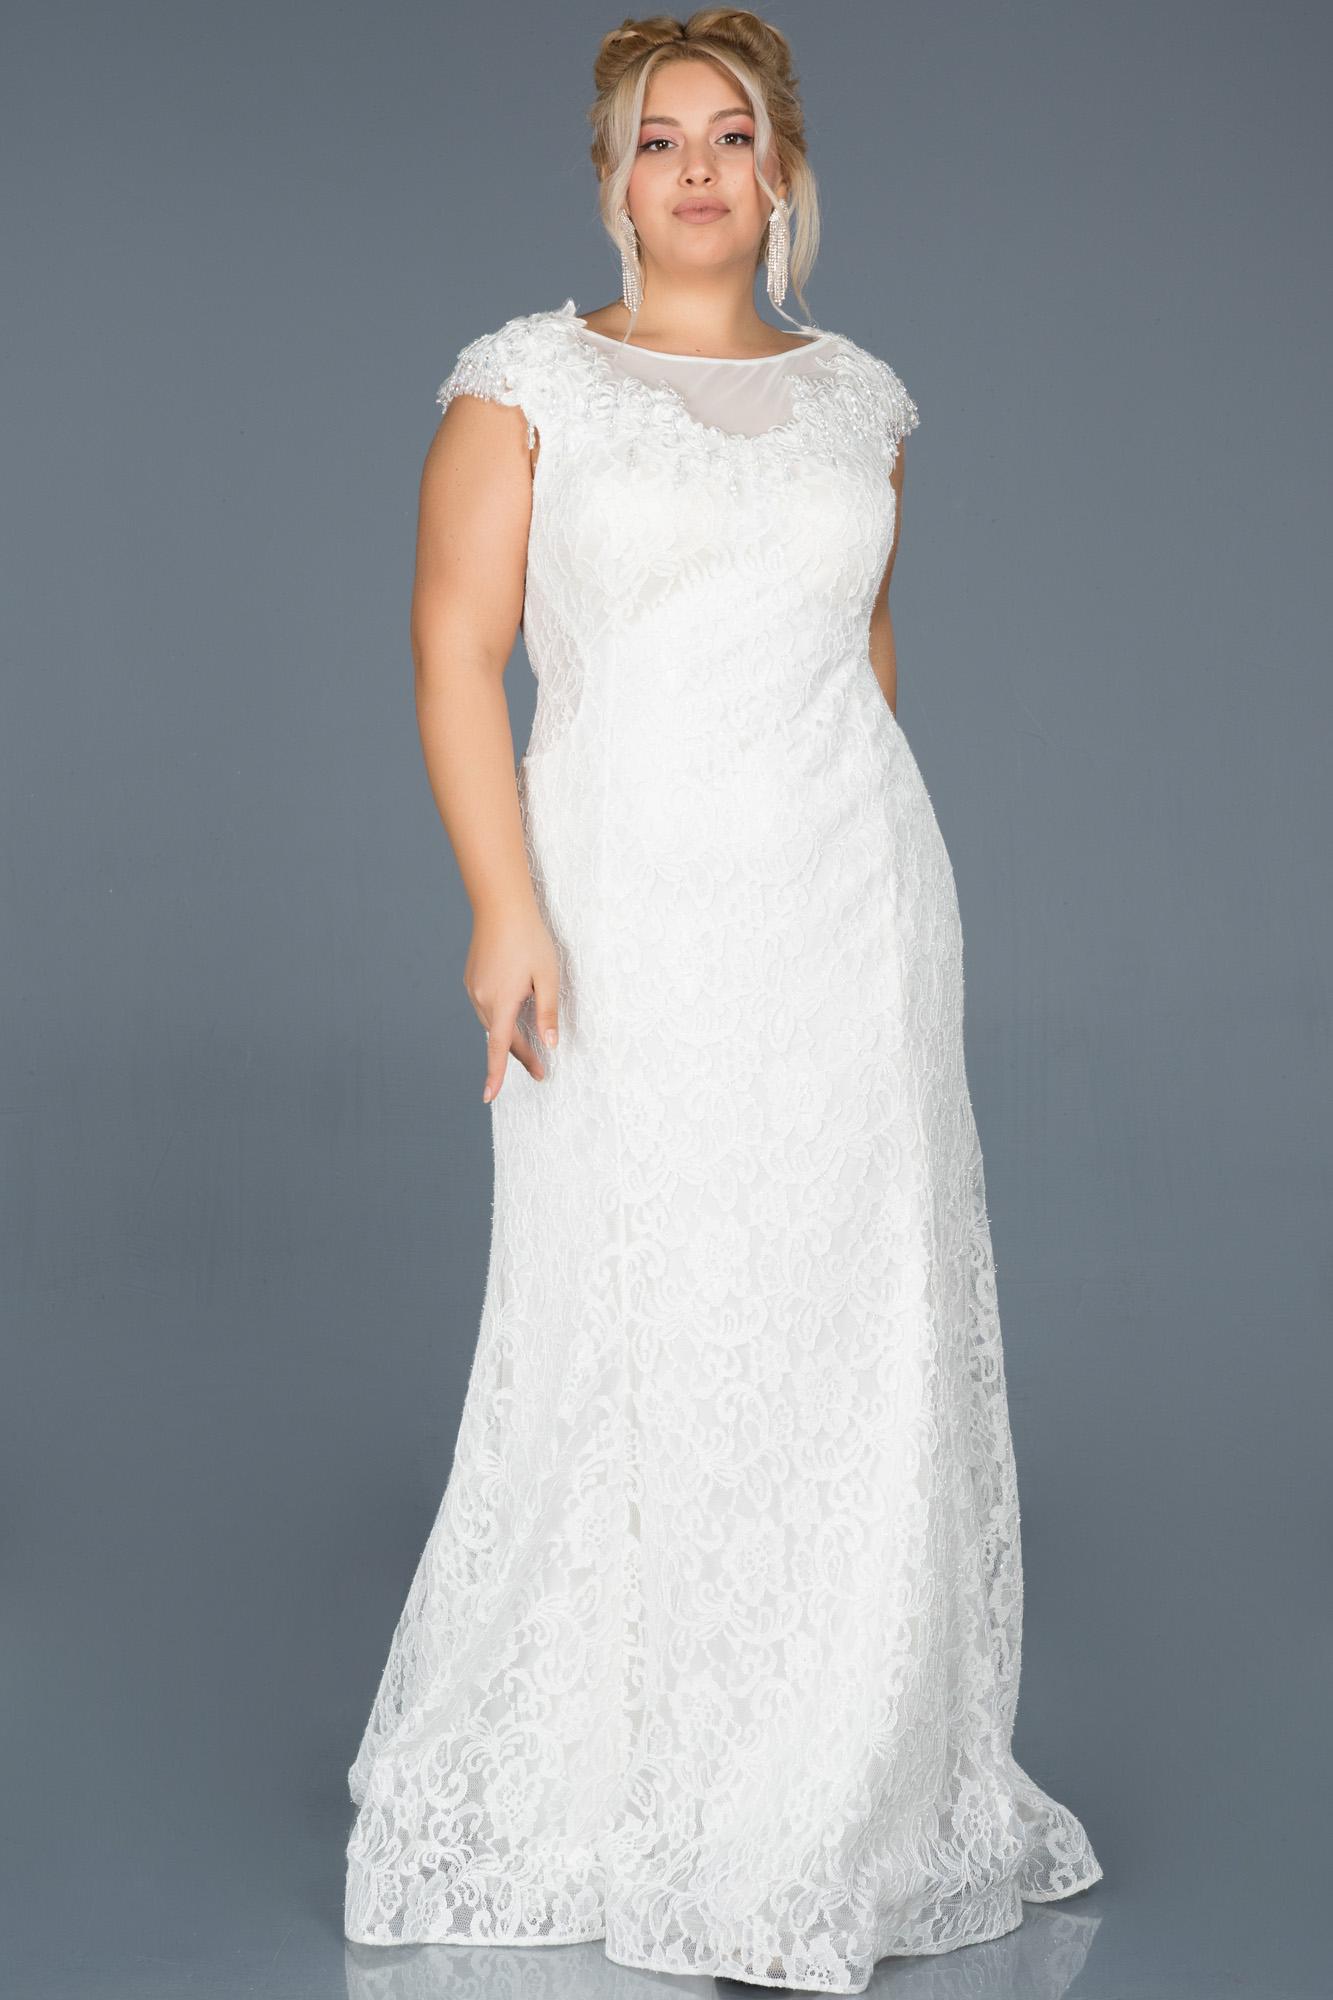 Ekru Güpürlü Taş Işlemeli Büyük Beden Nişan Elbisesi